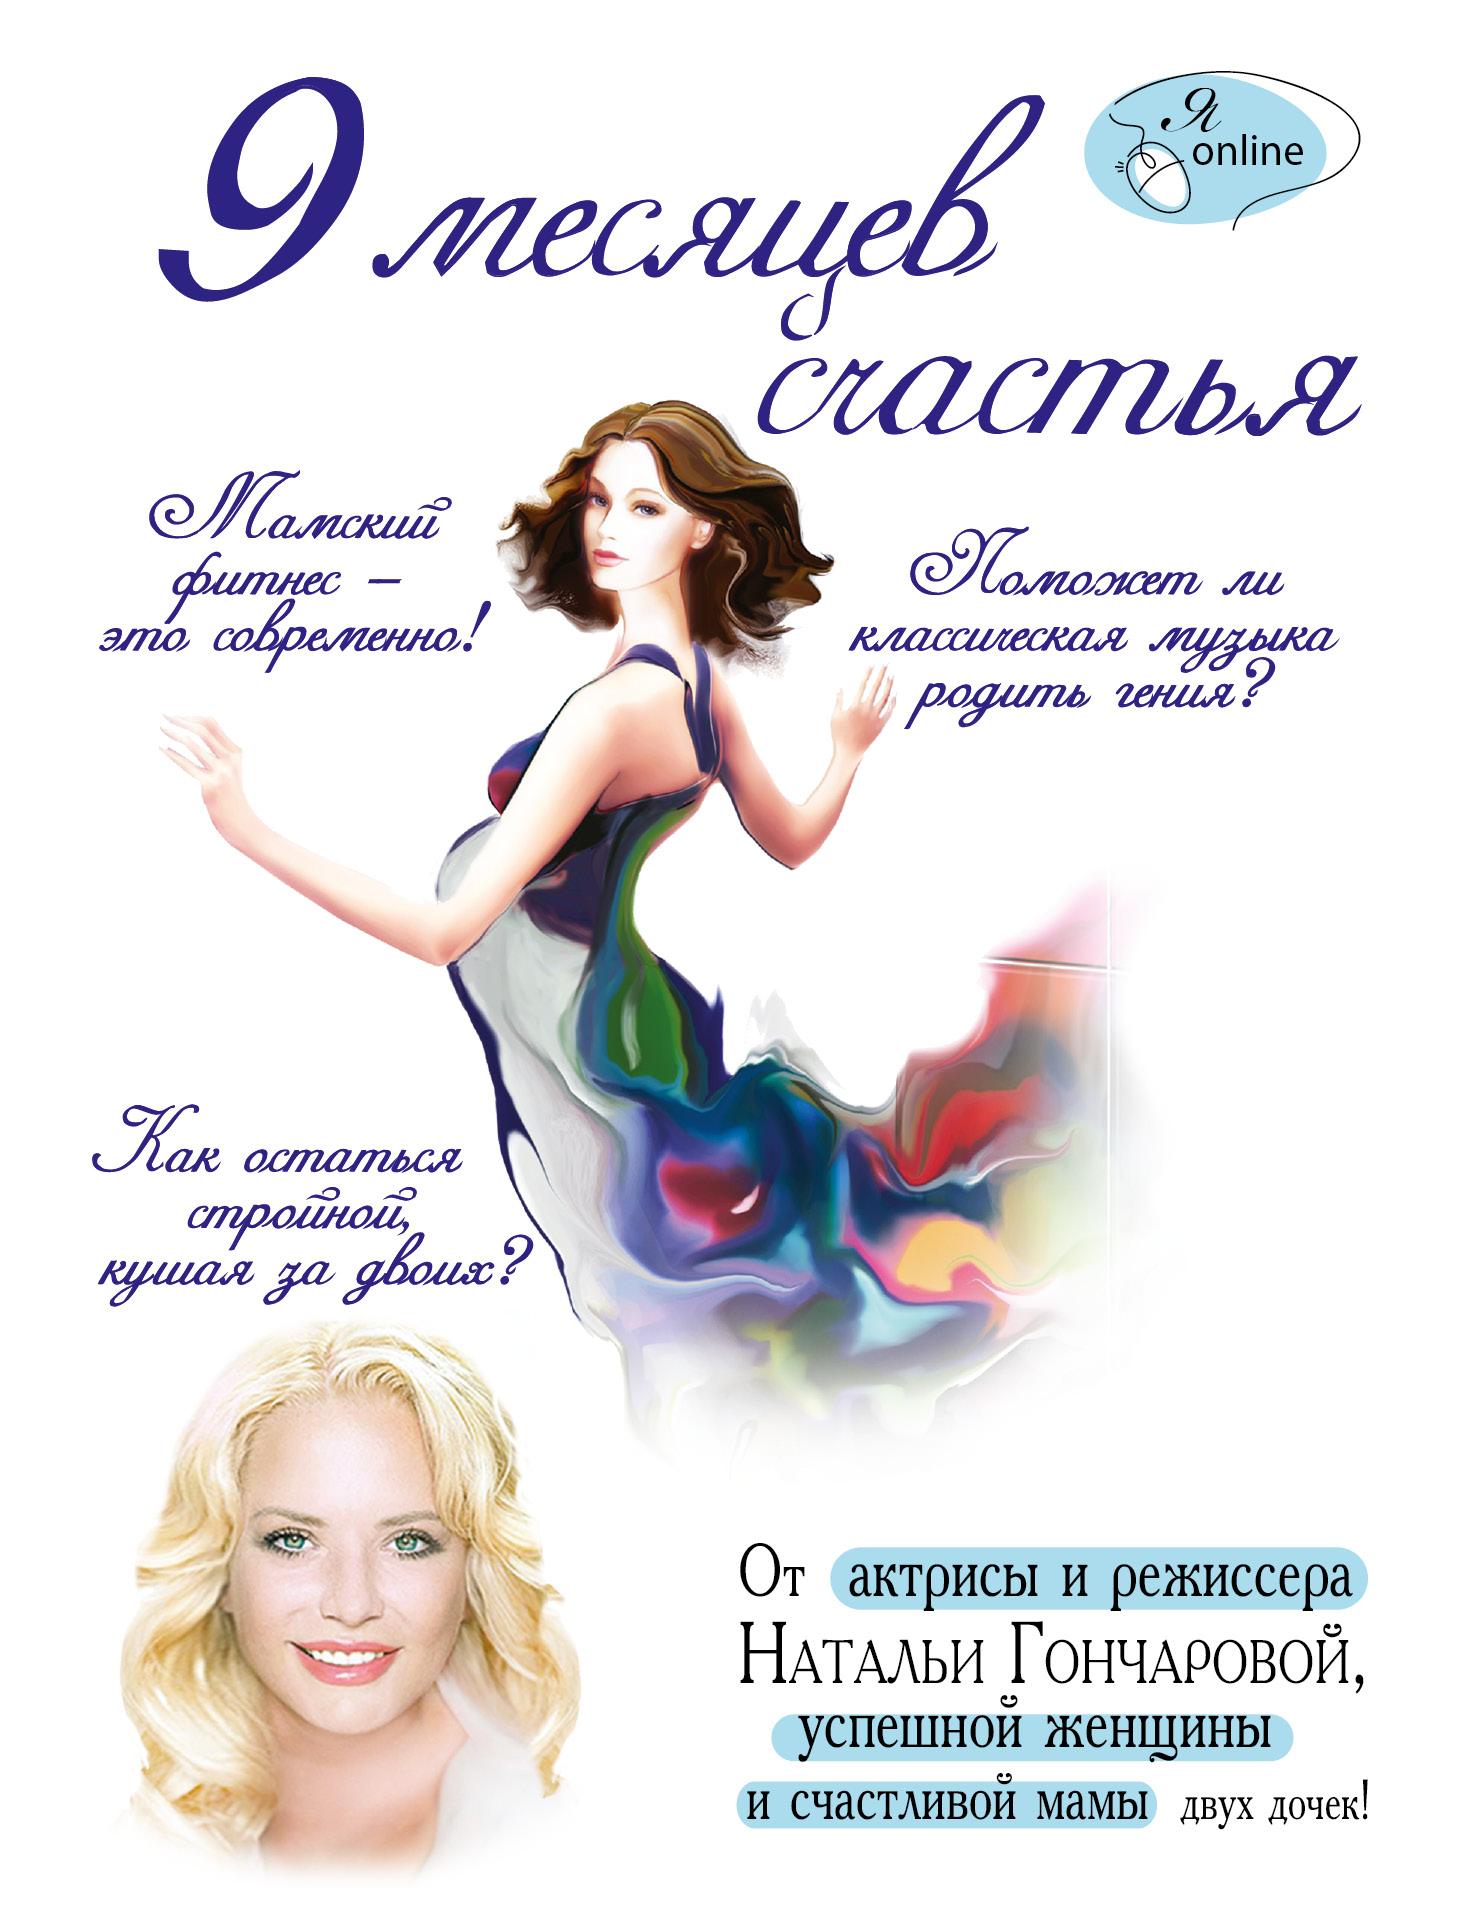 9 месяцев счастья ( Гончарова Н.С.  )